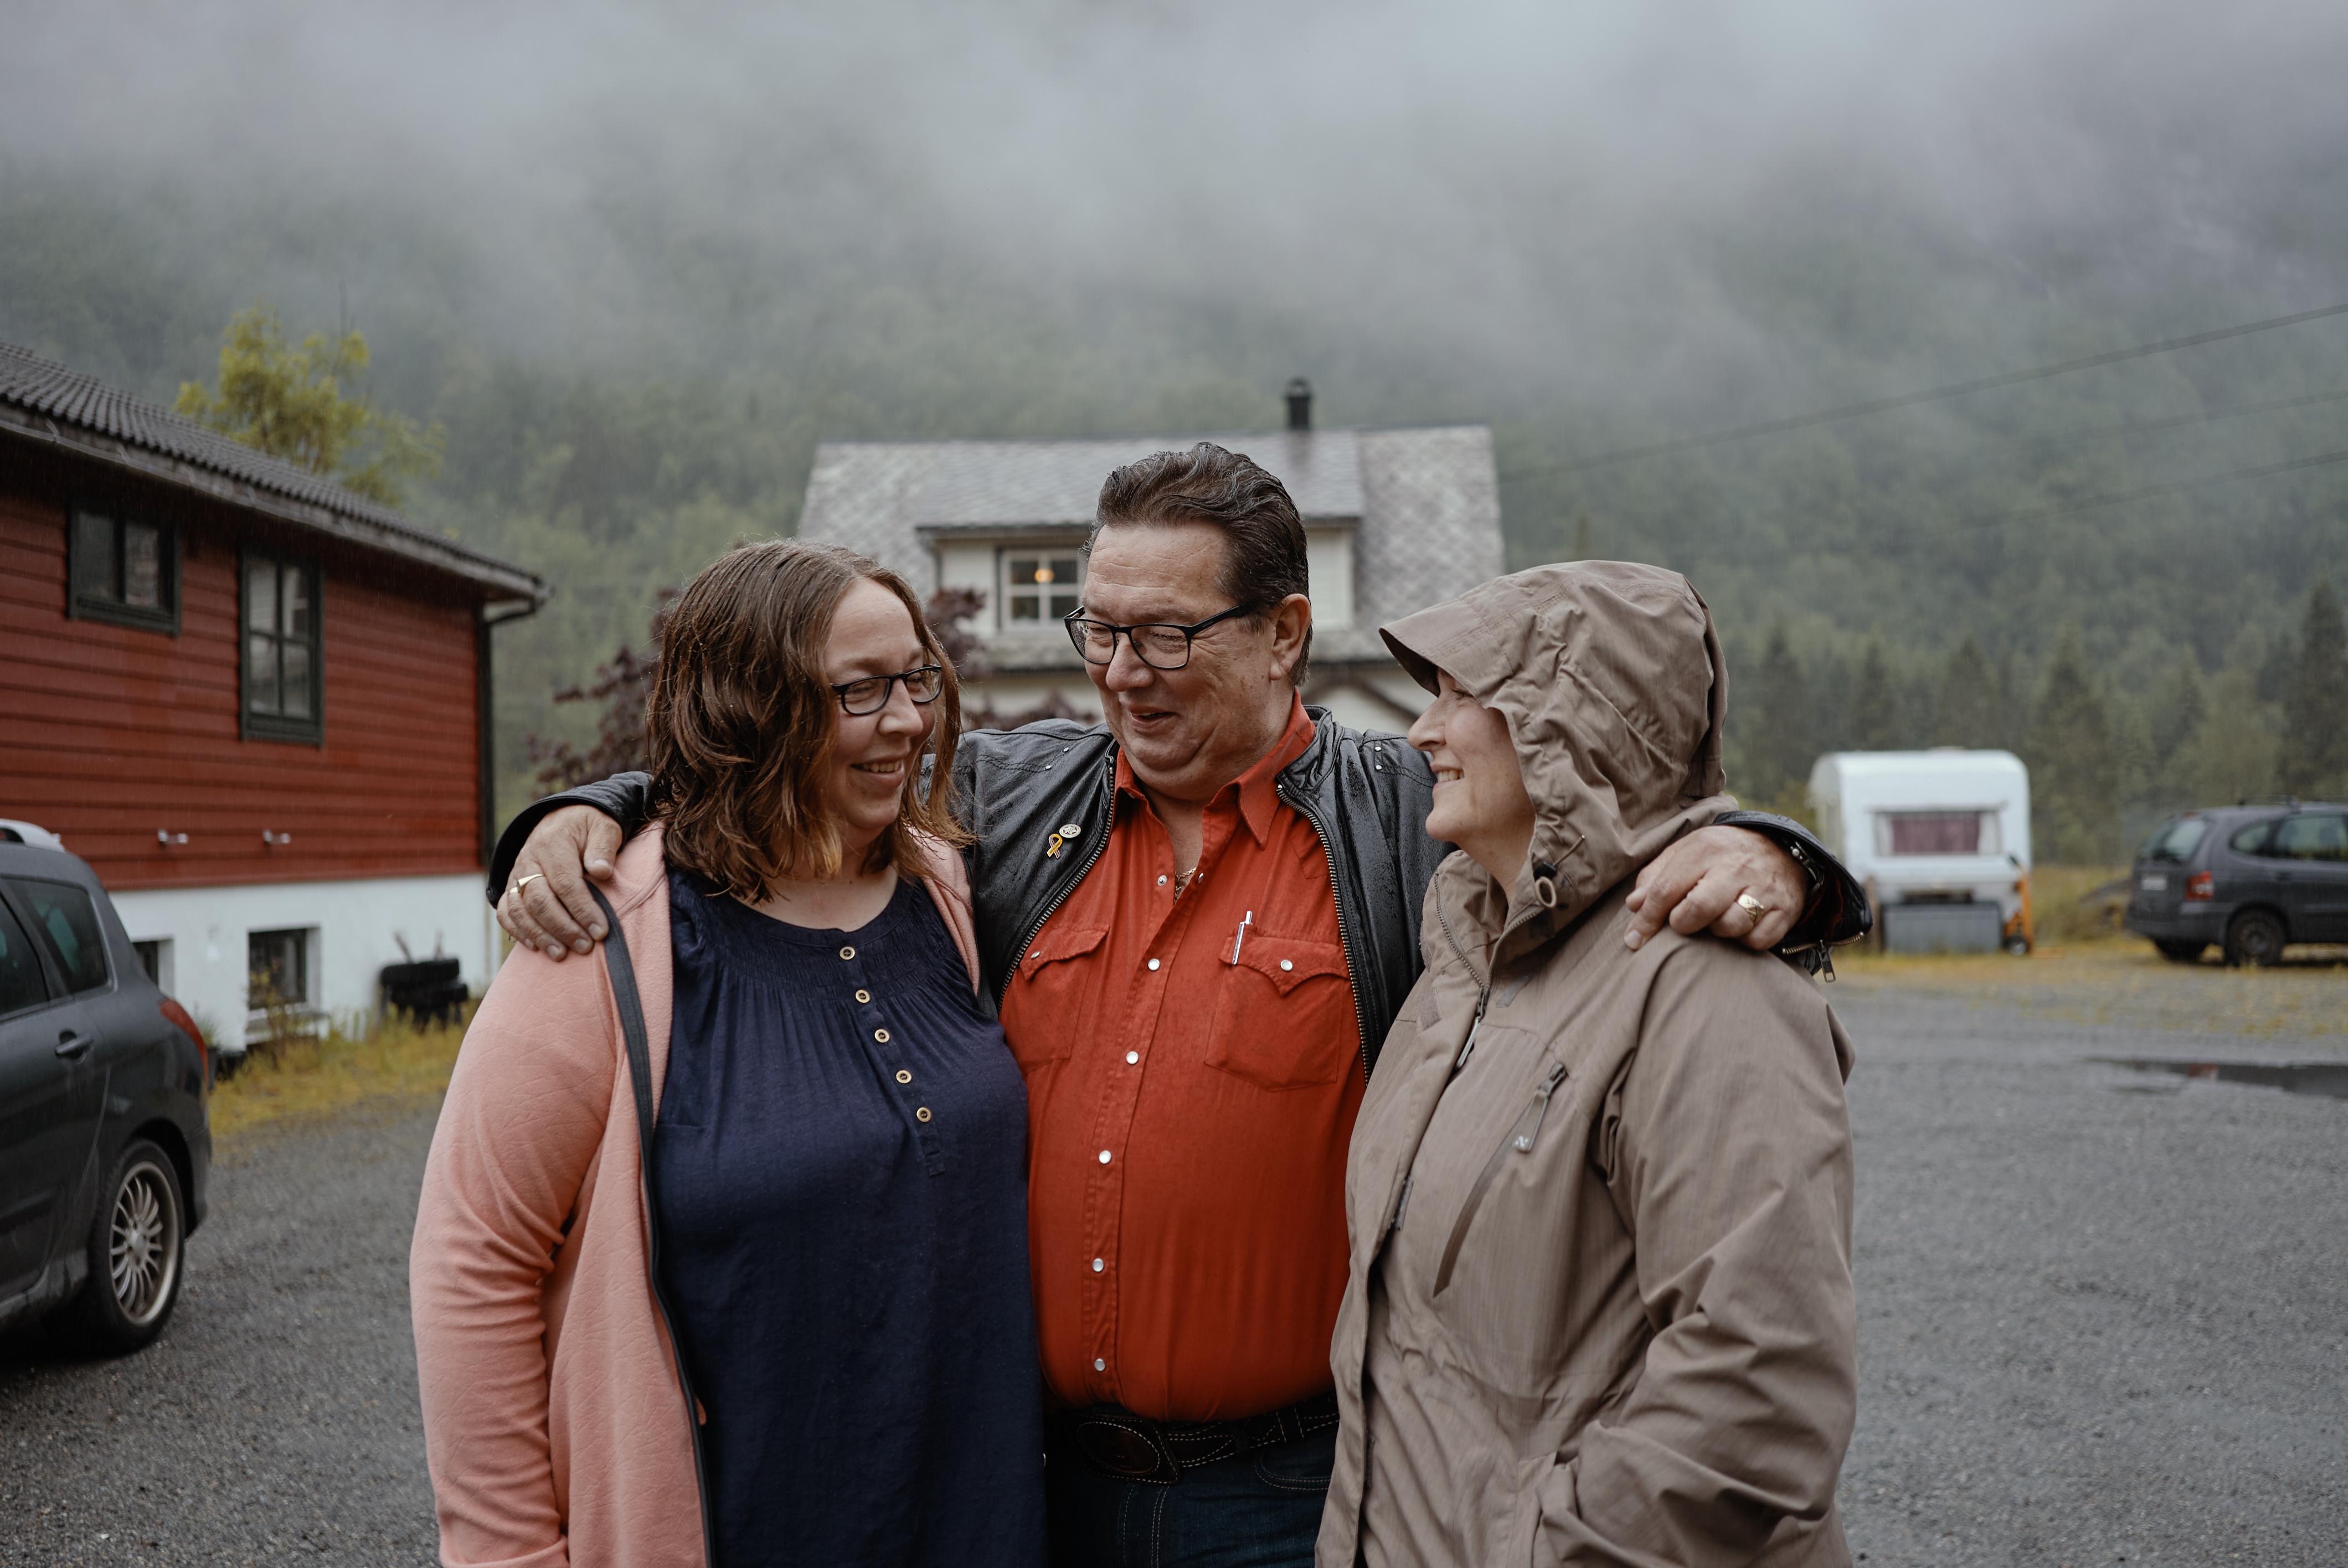 הפגישה הראשונה. מימין לשמאל: האחות סולפריד, גונוולד והאחיינית תרזה